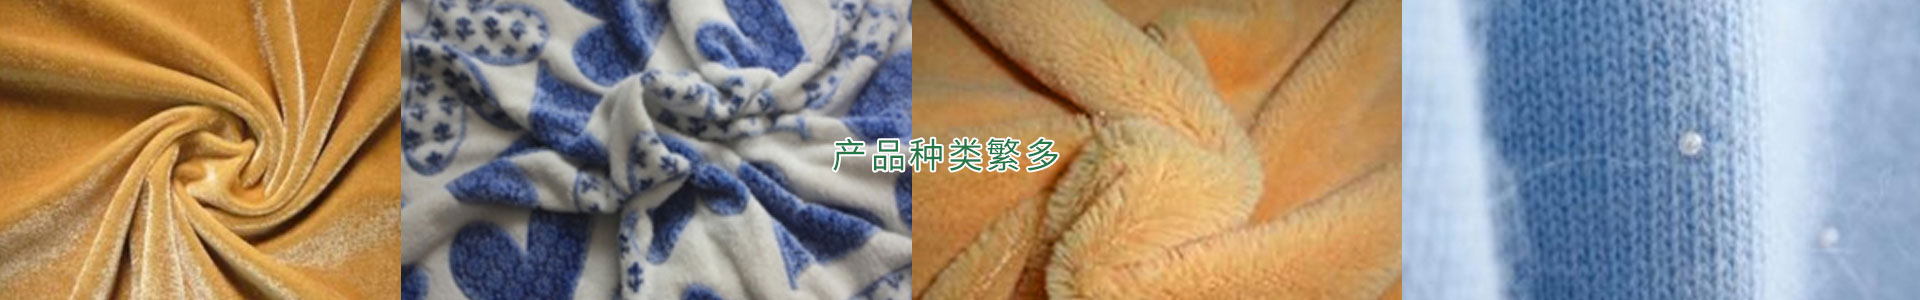 http://www.csyhzz.cn/data/images/slide/20191008165753_254.jpg